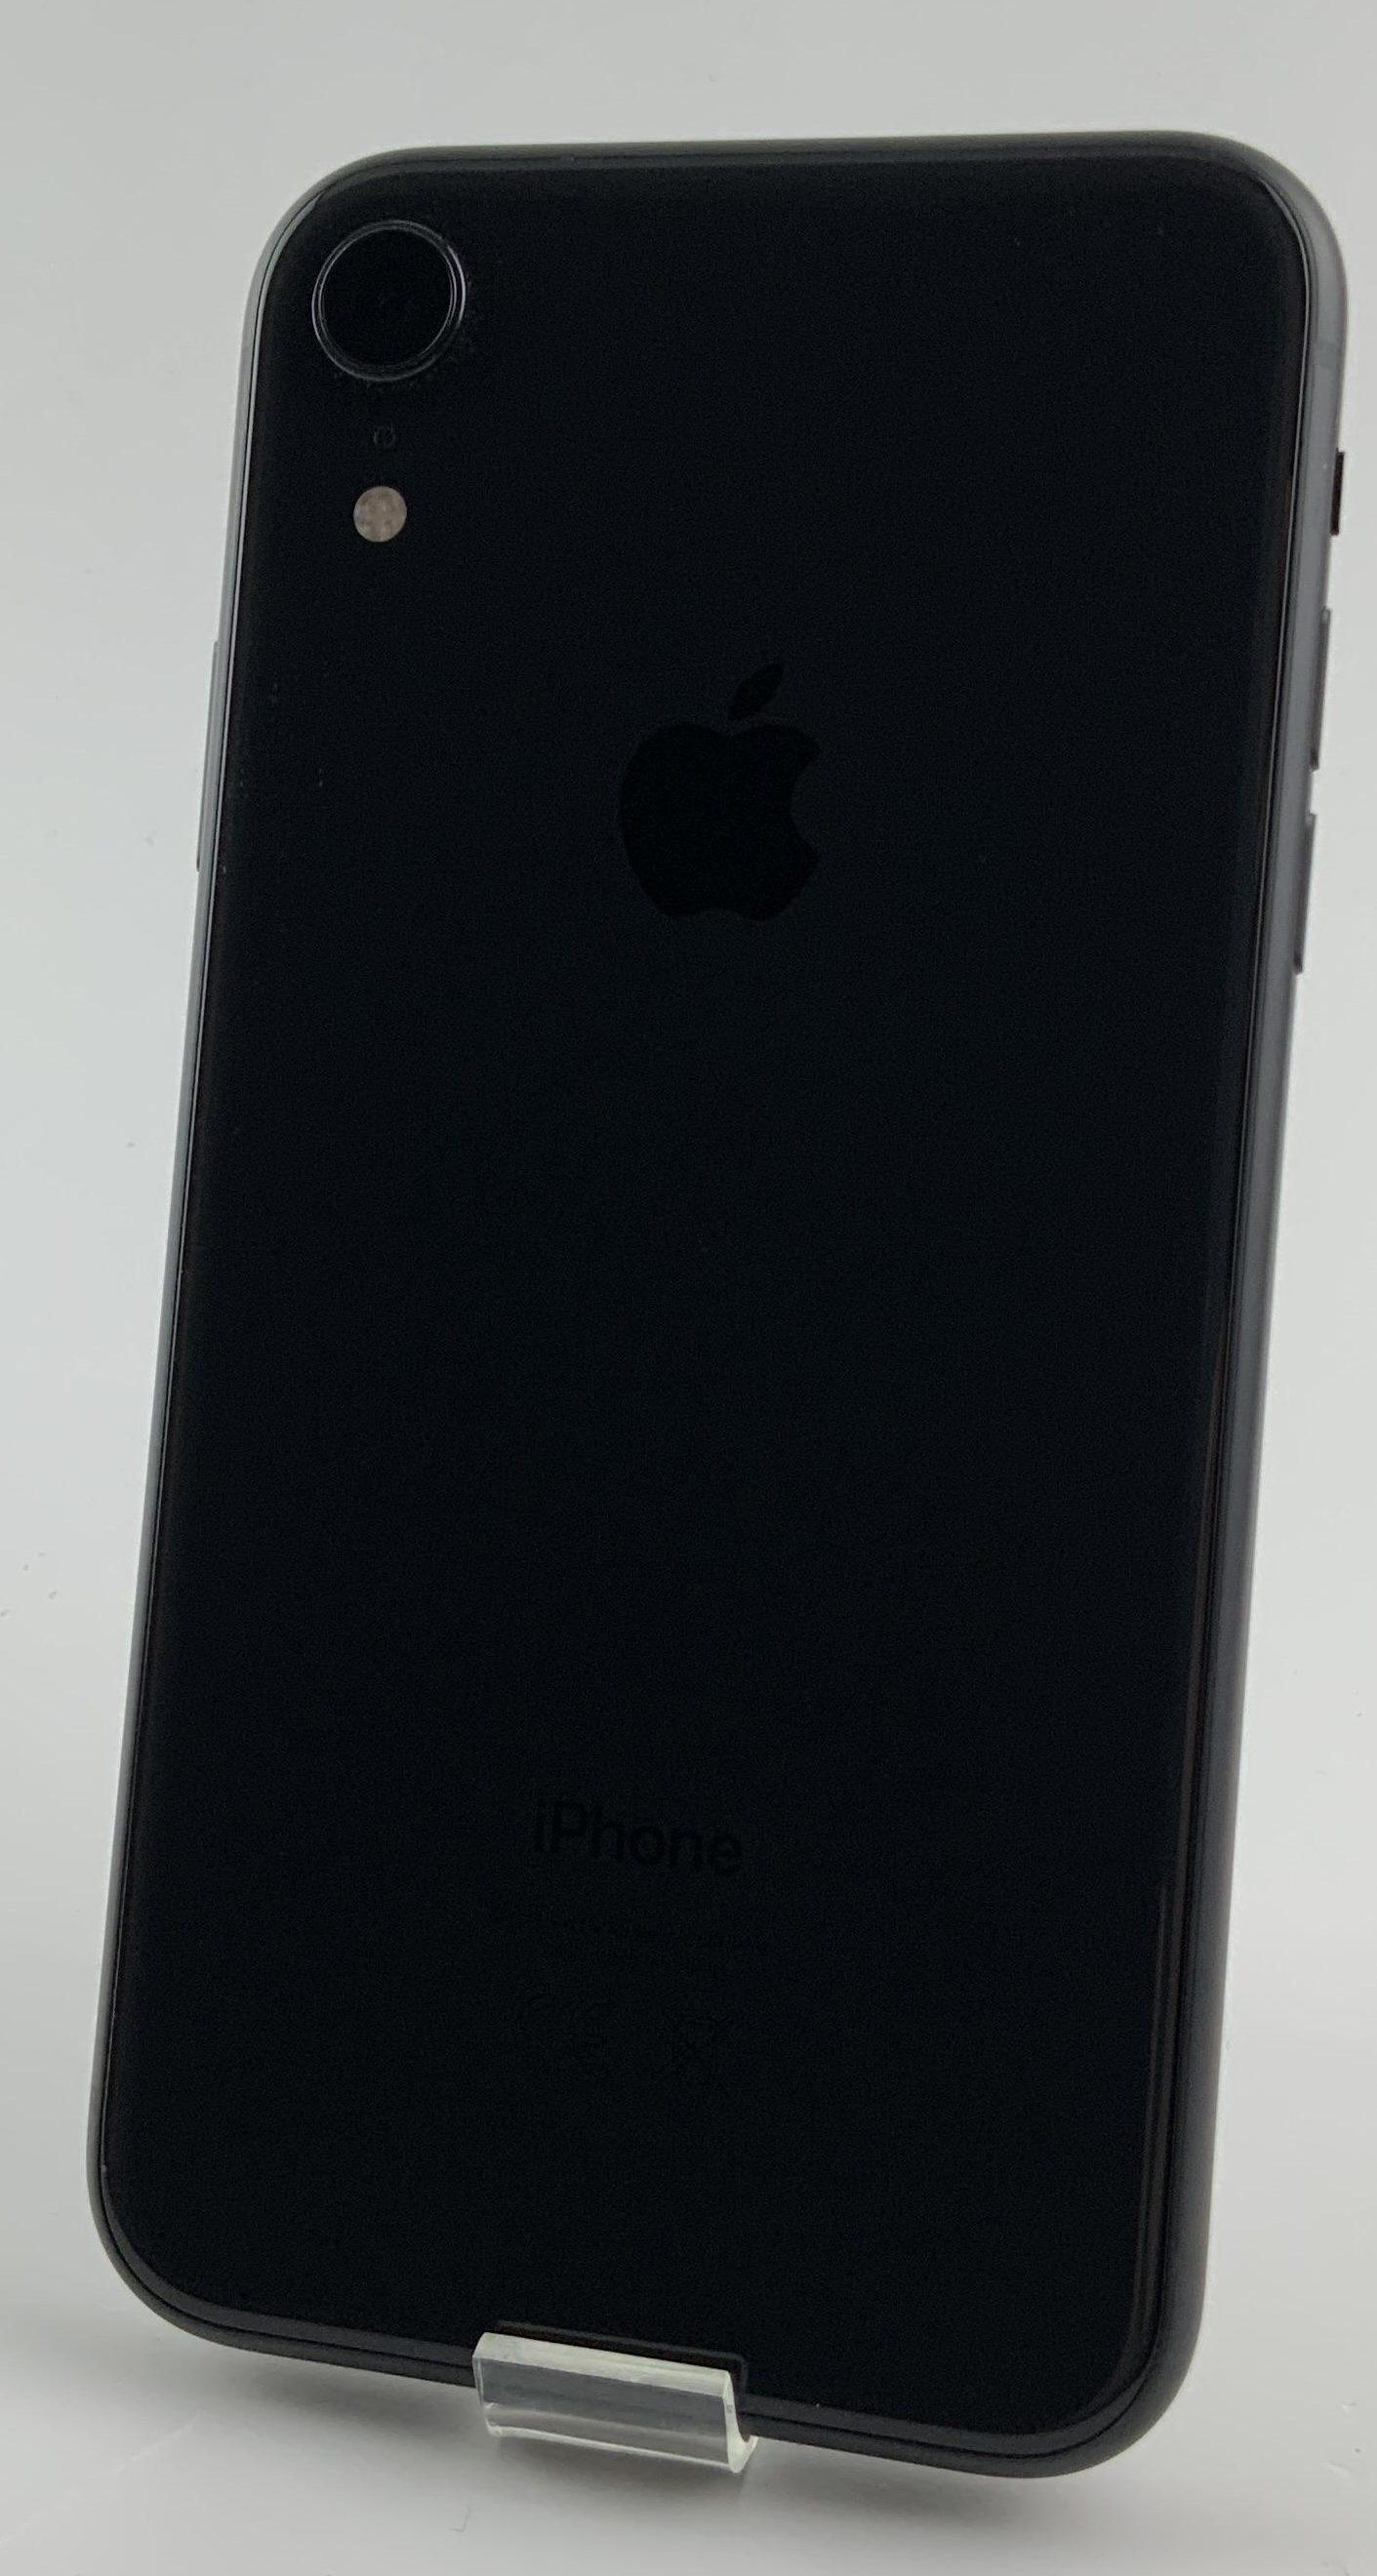 iPhone XR 64GB, 64GB, Black, immagine 2